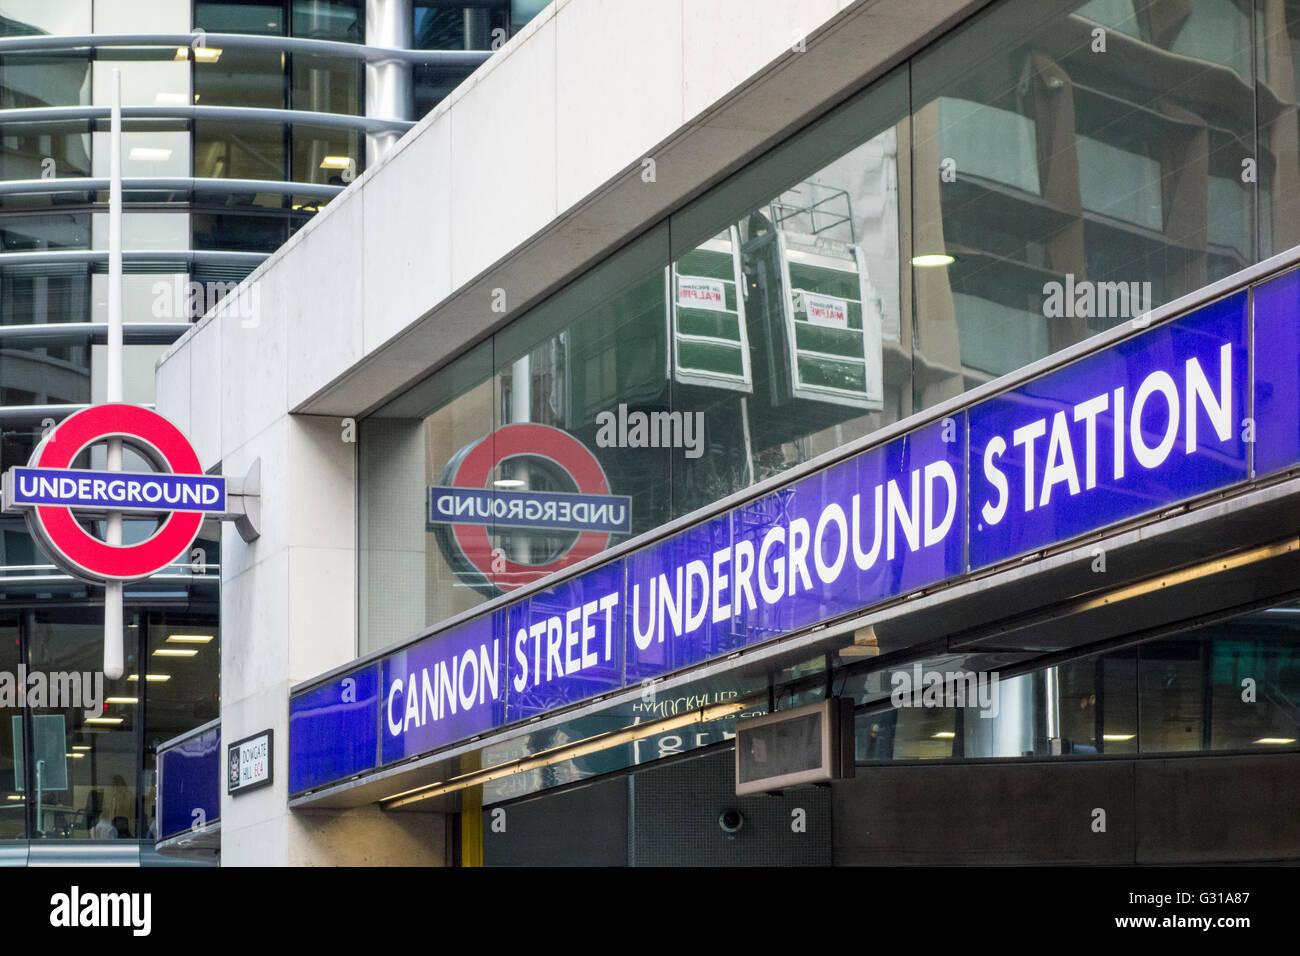 Cannon Street Underground Station, London, UK - Stock Image